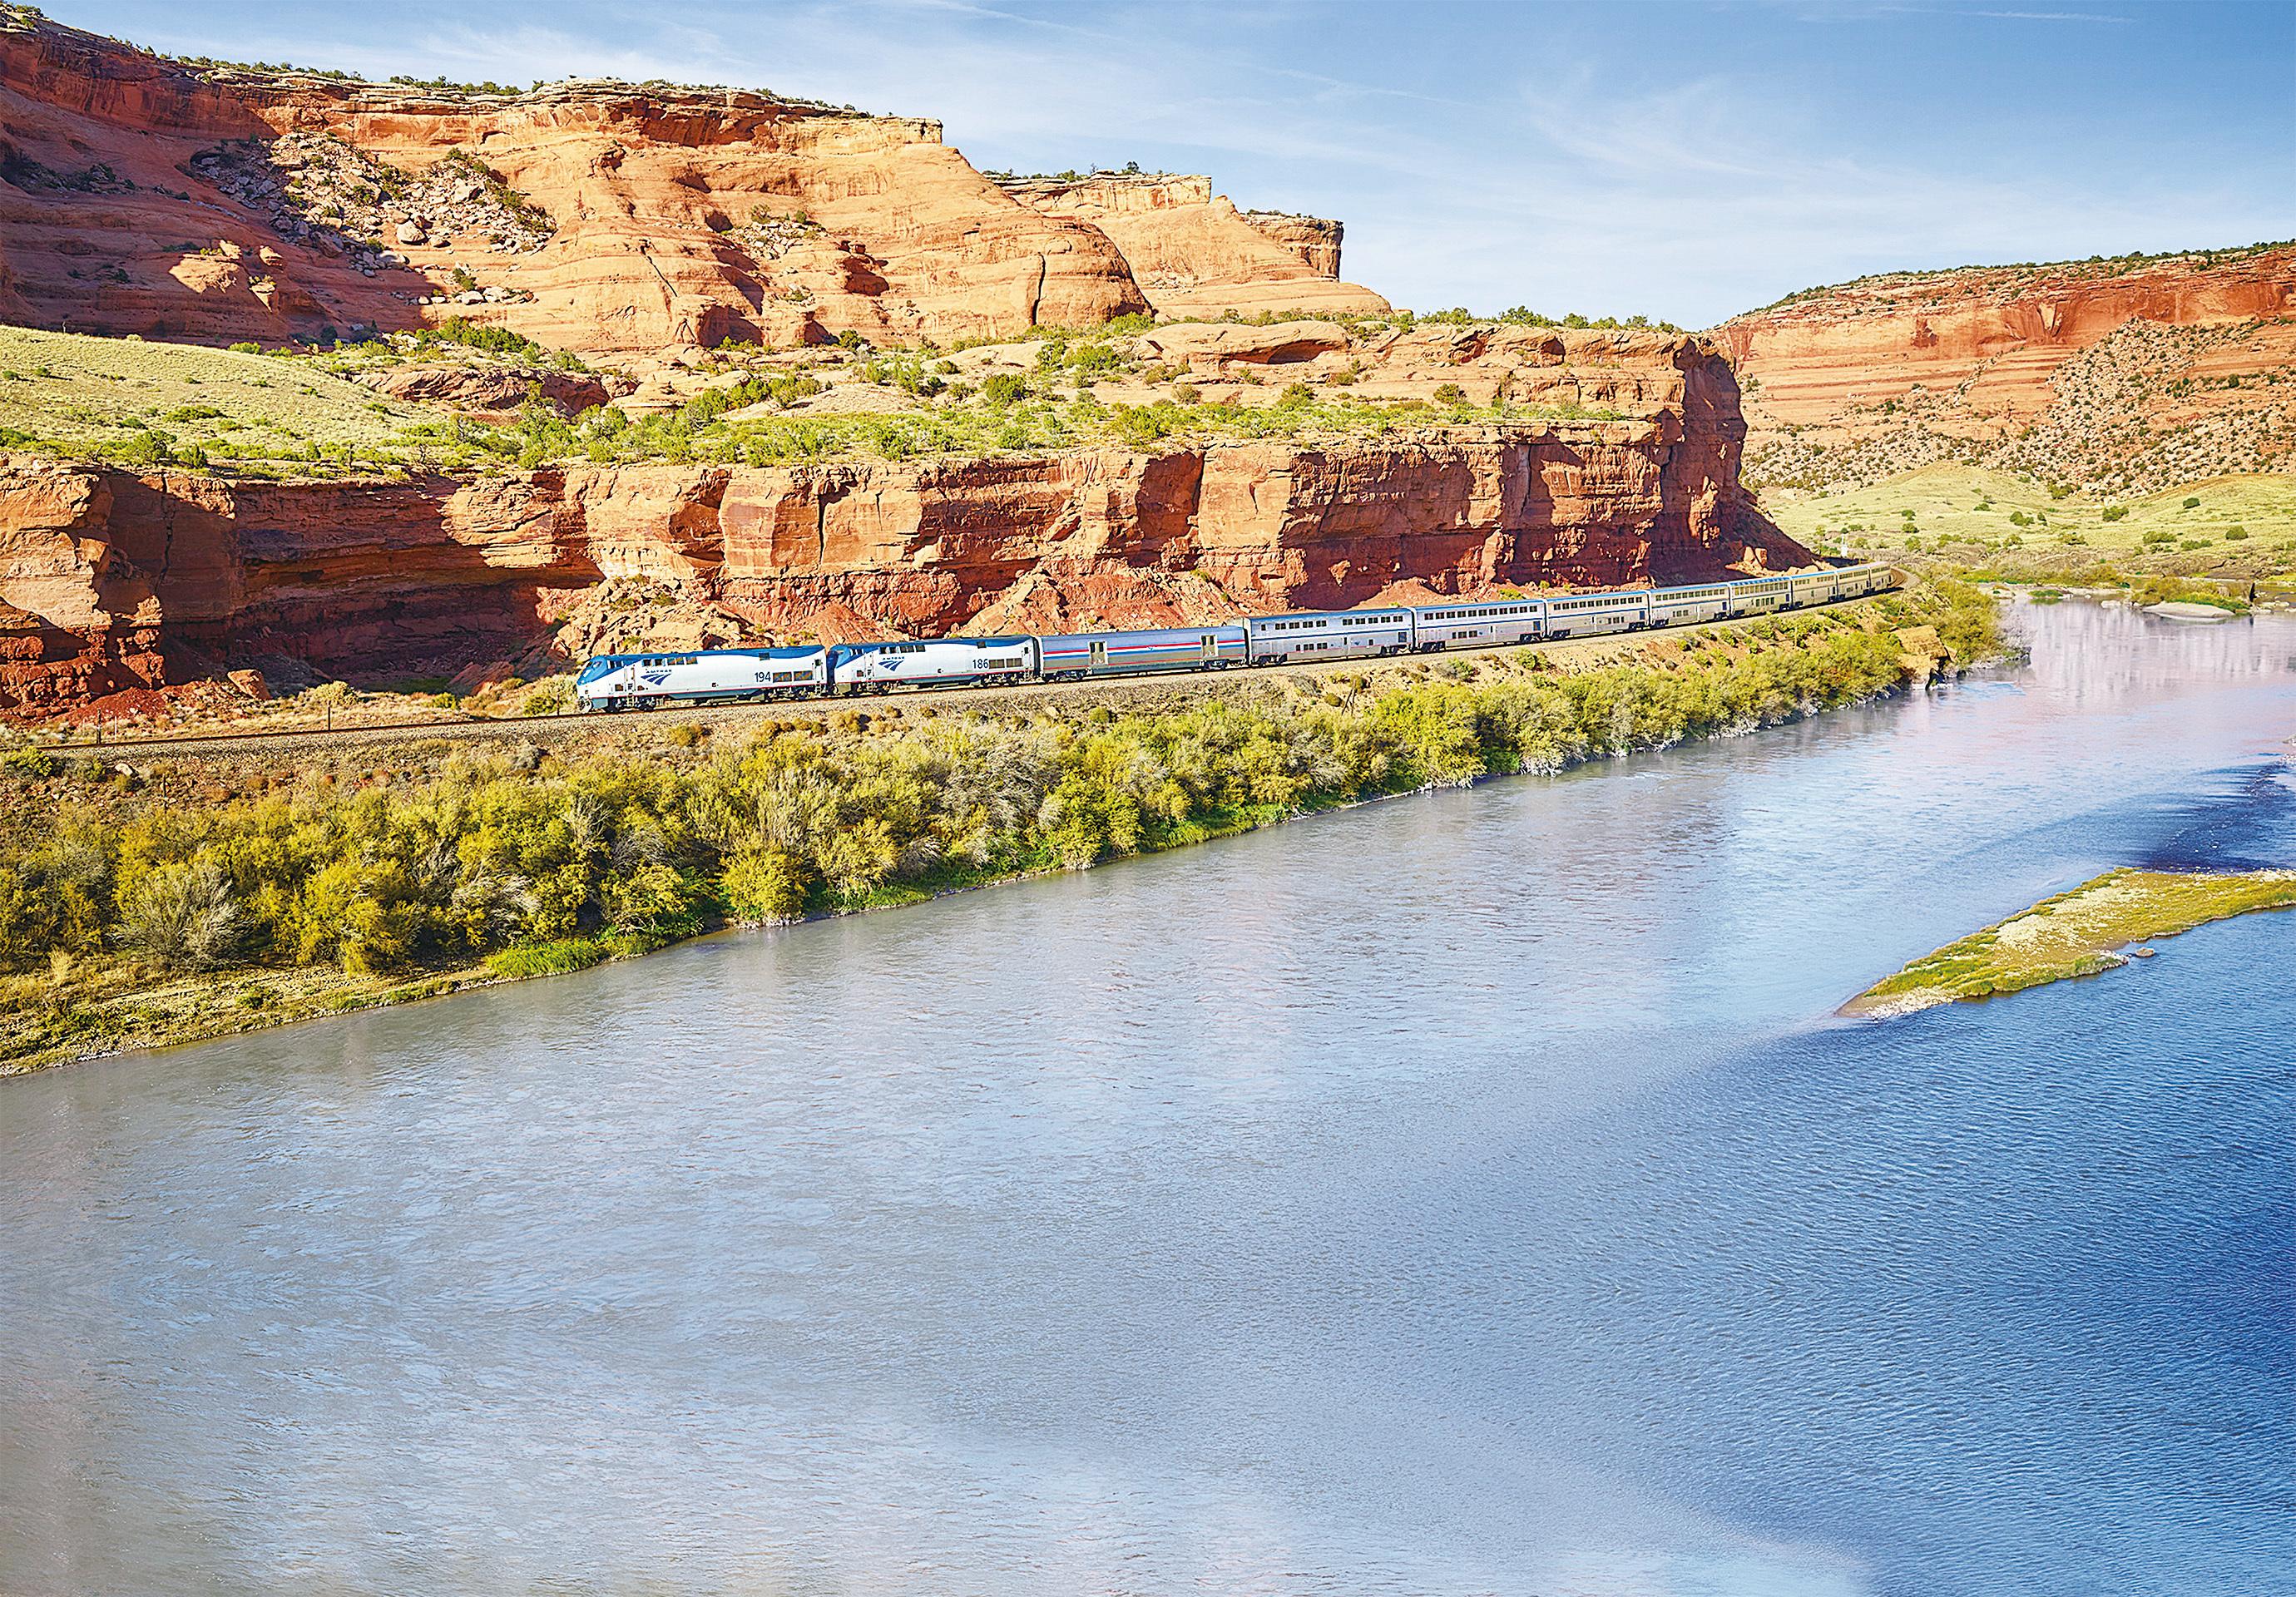 Amtrak加州和風號 四千公里橫貫美國之旅(下)